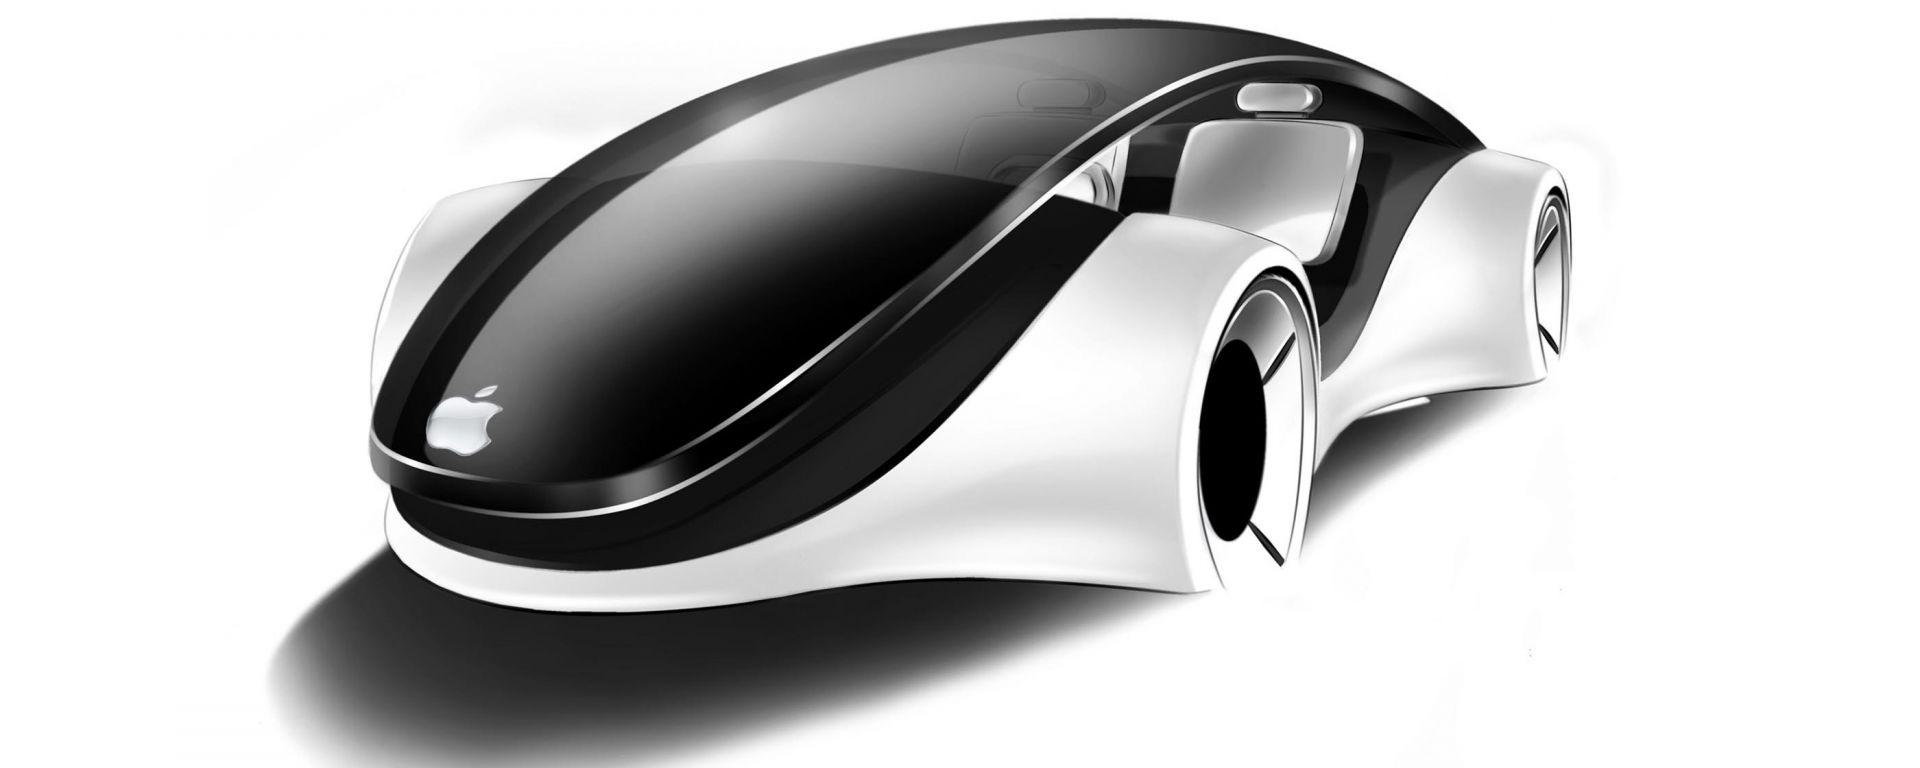 Guida autonoma: la iCar di Apple potrebbe nascere grazie alla collaborazione con BMW